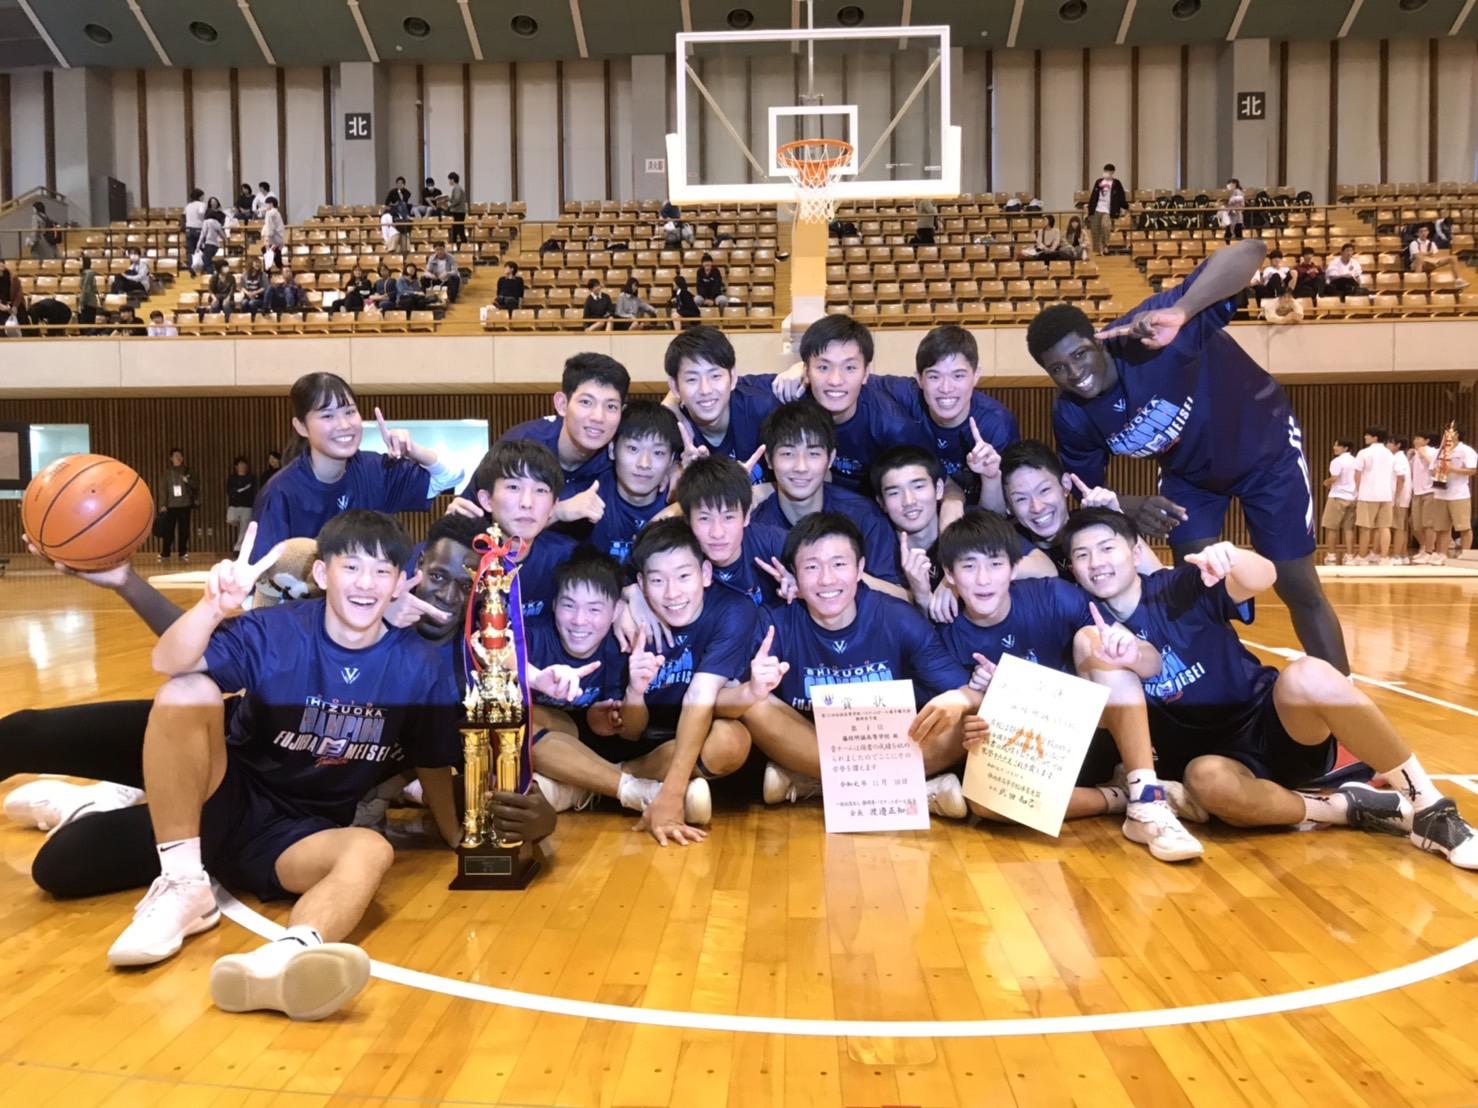 ウィンターカップ静岡県予選を制した藤枝明誠高校バスケットボール部集合写真